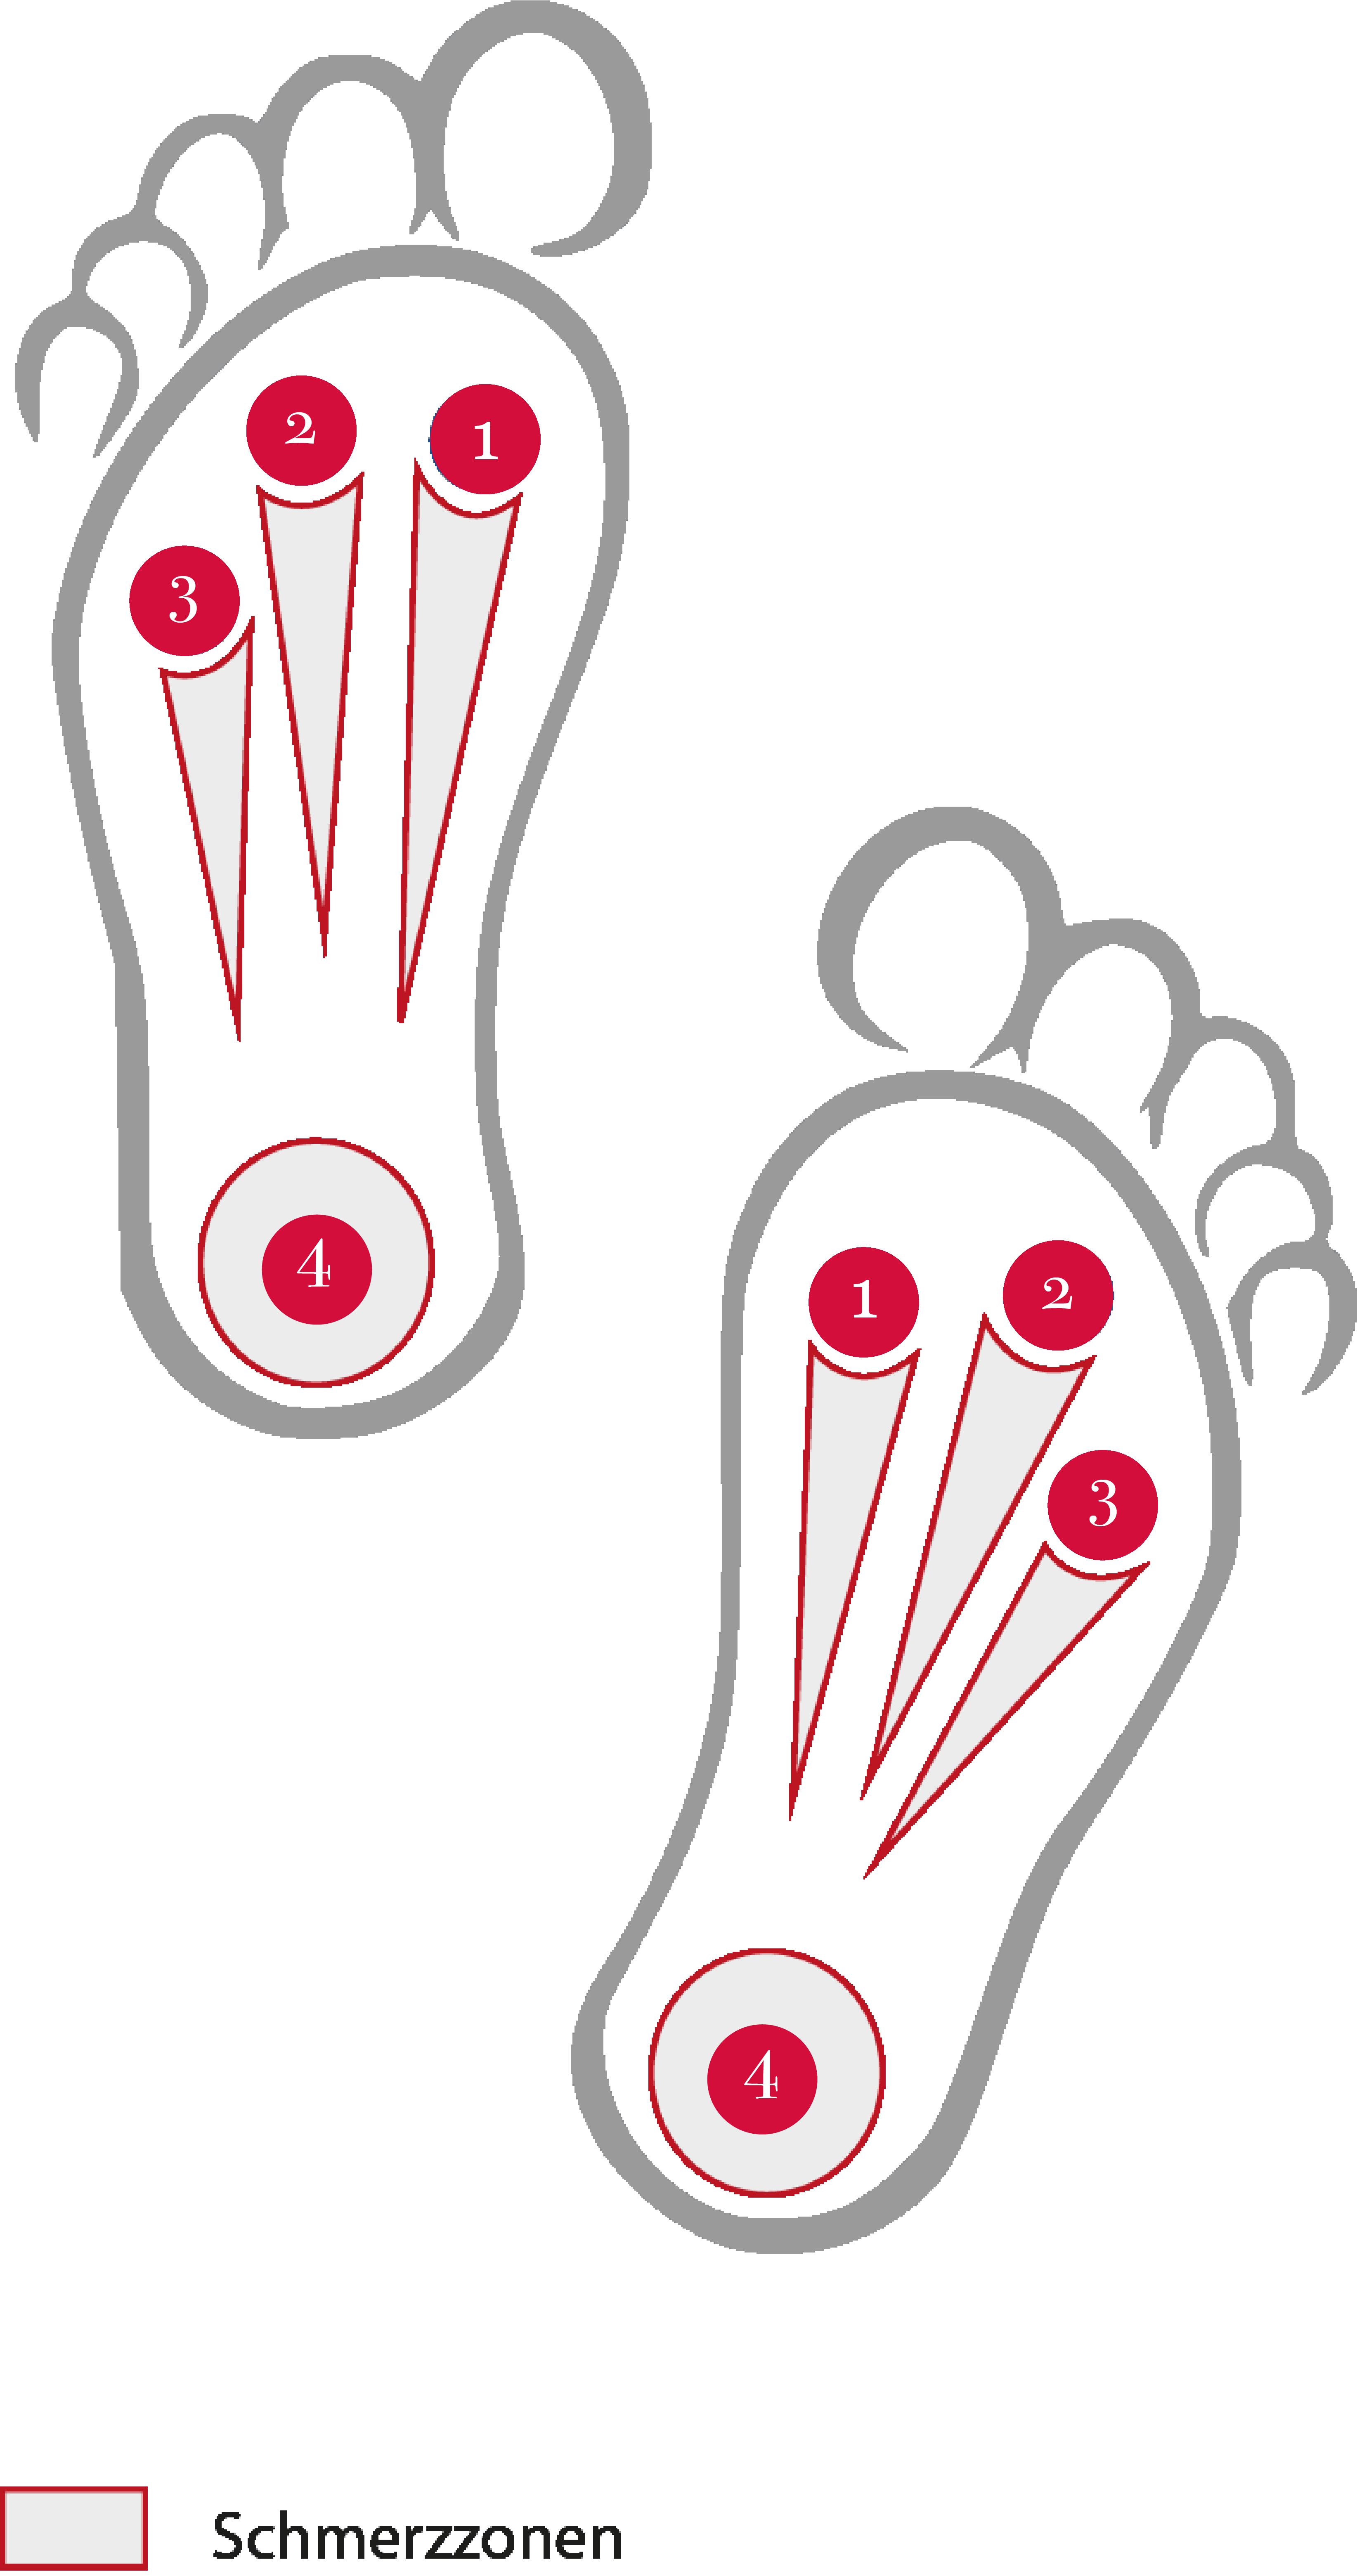 4 Schmerzpunkte am Fuß - Punkt 1 Großzehen Grundgelenk   Punkt 2 Mittelfußköpfchen   Punkt 3 Außenrand   Punkt 4 Ferse bzw Achillessehne